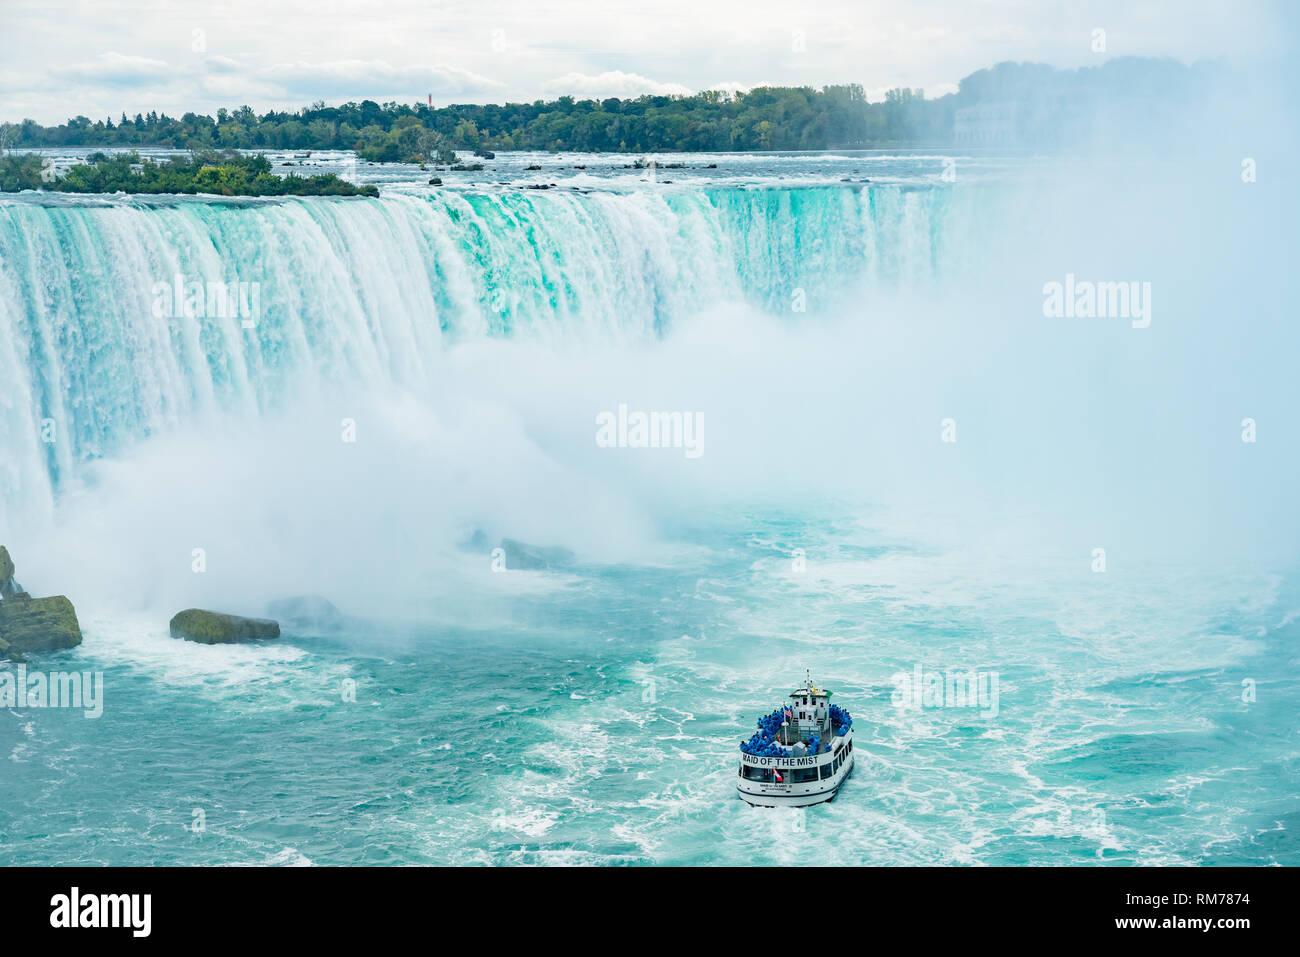 Toronto, 29 SEP: Cerca de la hermosa caída de herradura con nave cercana en Septiembre 29, 2018 en Toronto, Canadá Foto de stock